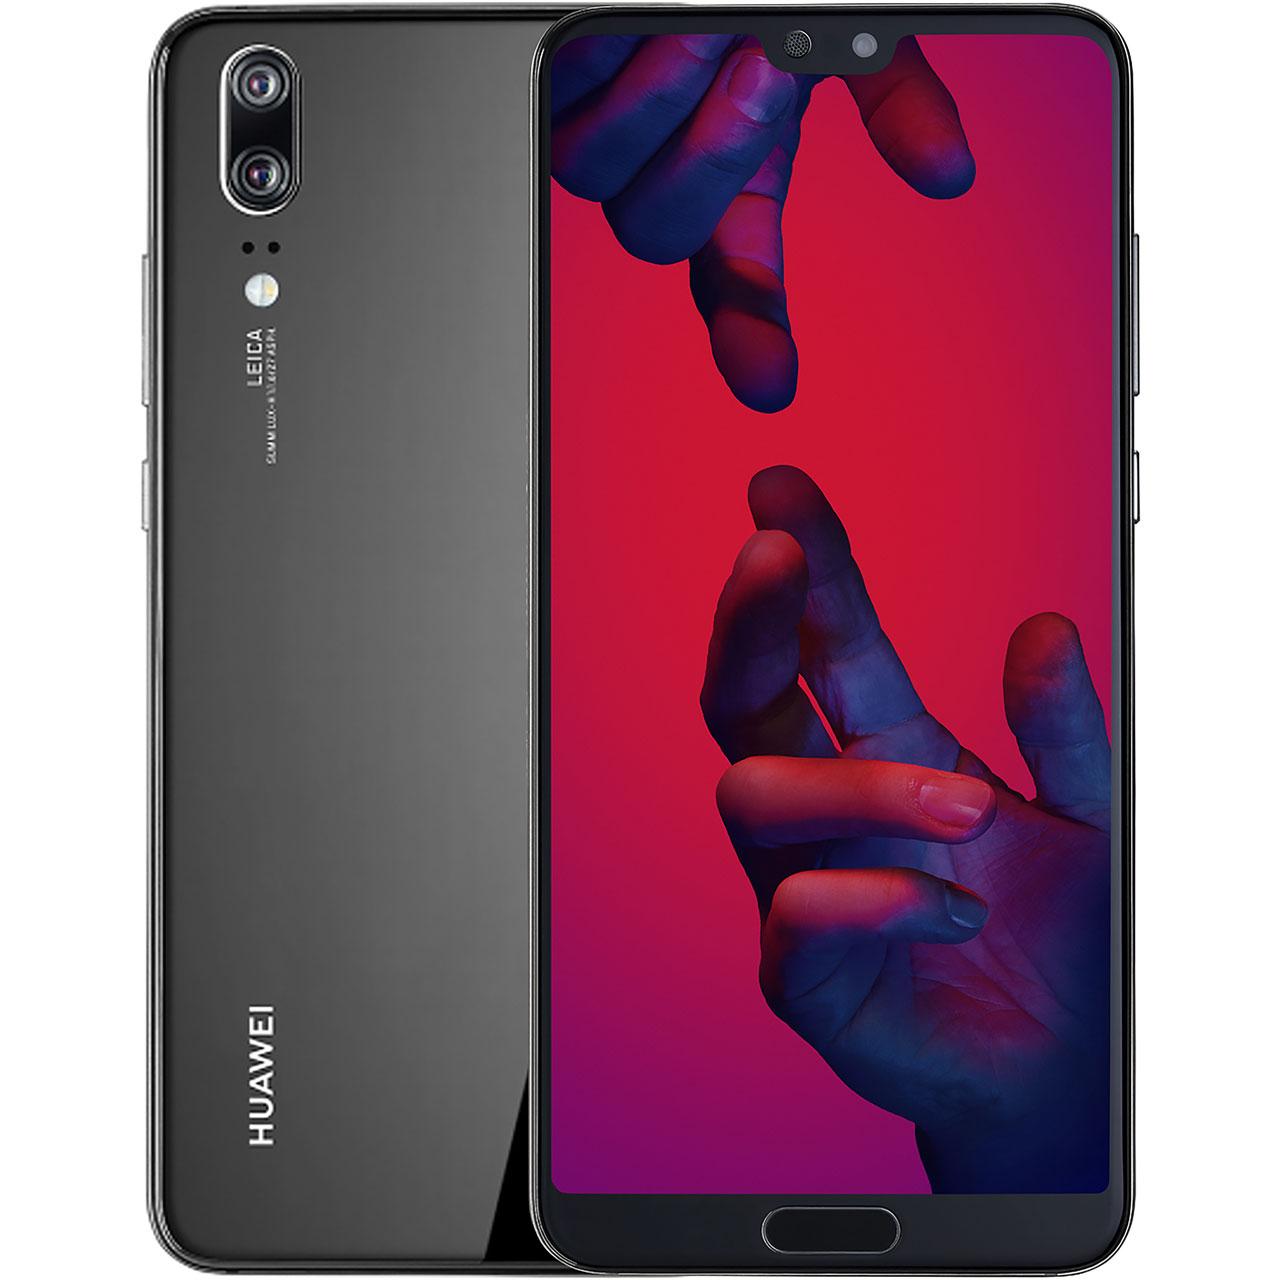 Huawei P20 128GB Smartphone reduces to £399 @ ao.com